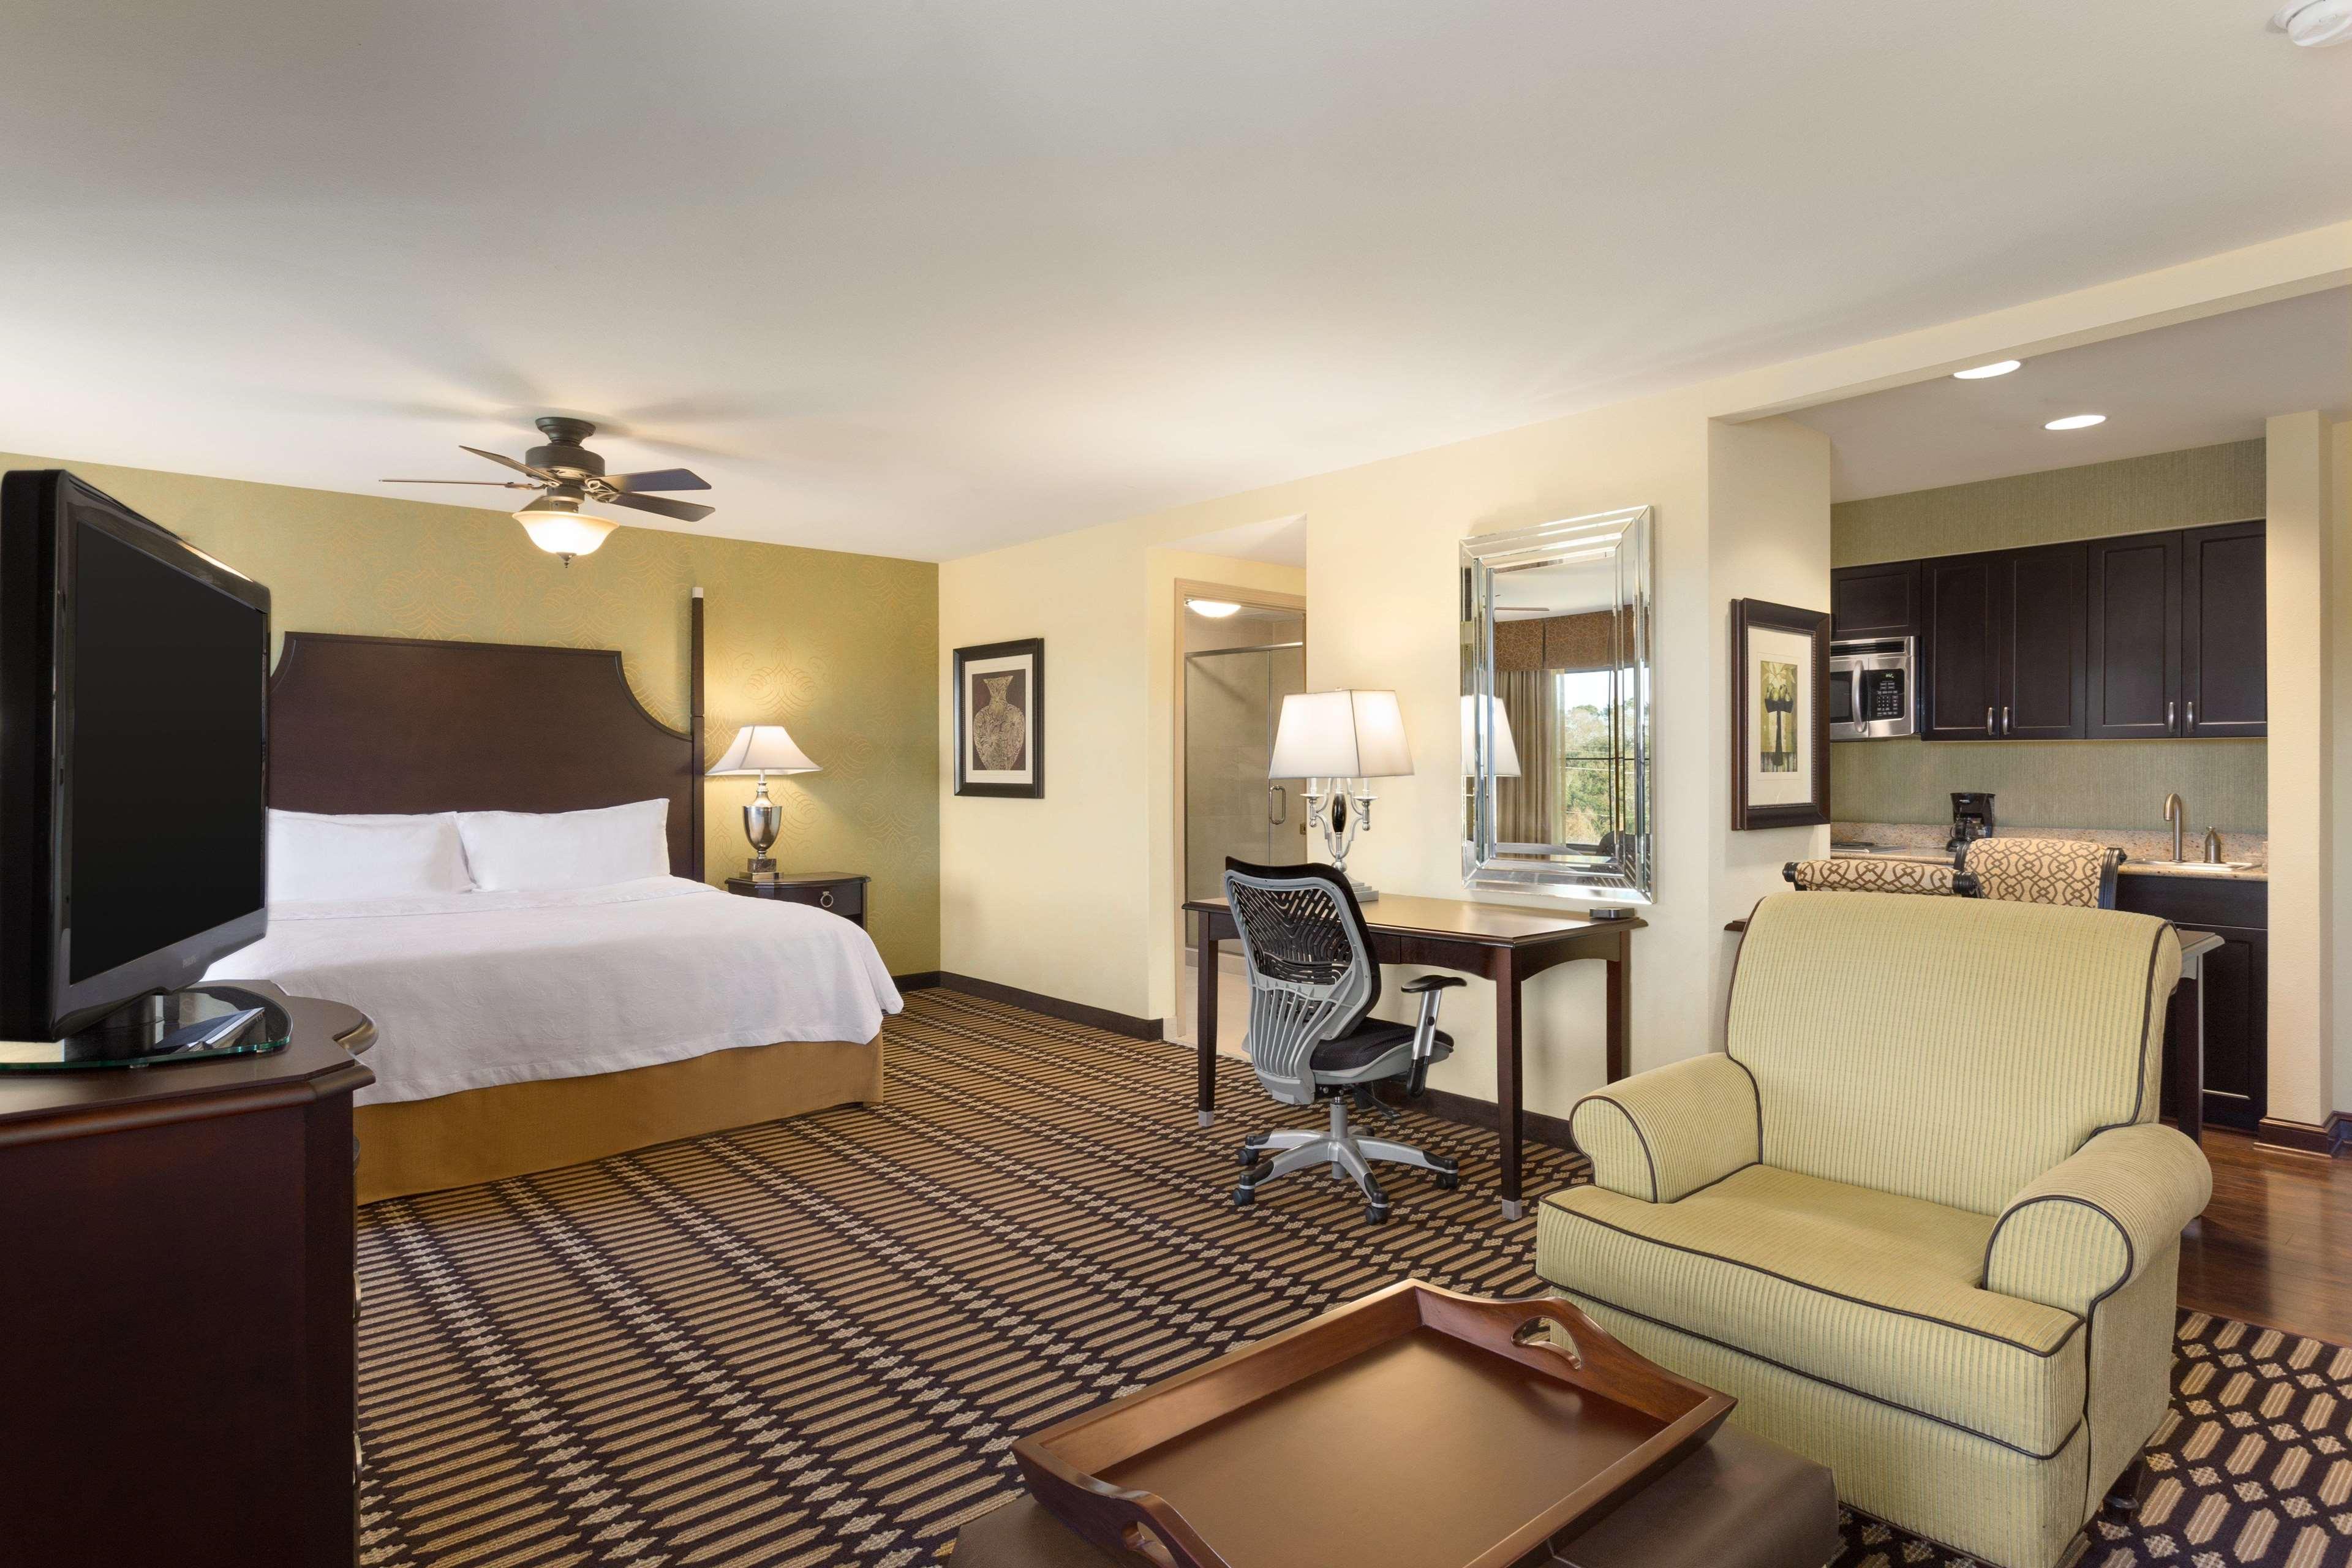 Homewood Suites by Hilton Lafayette-Airport, LA image 18